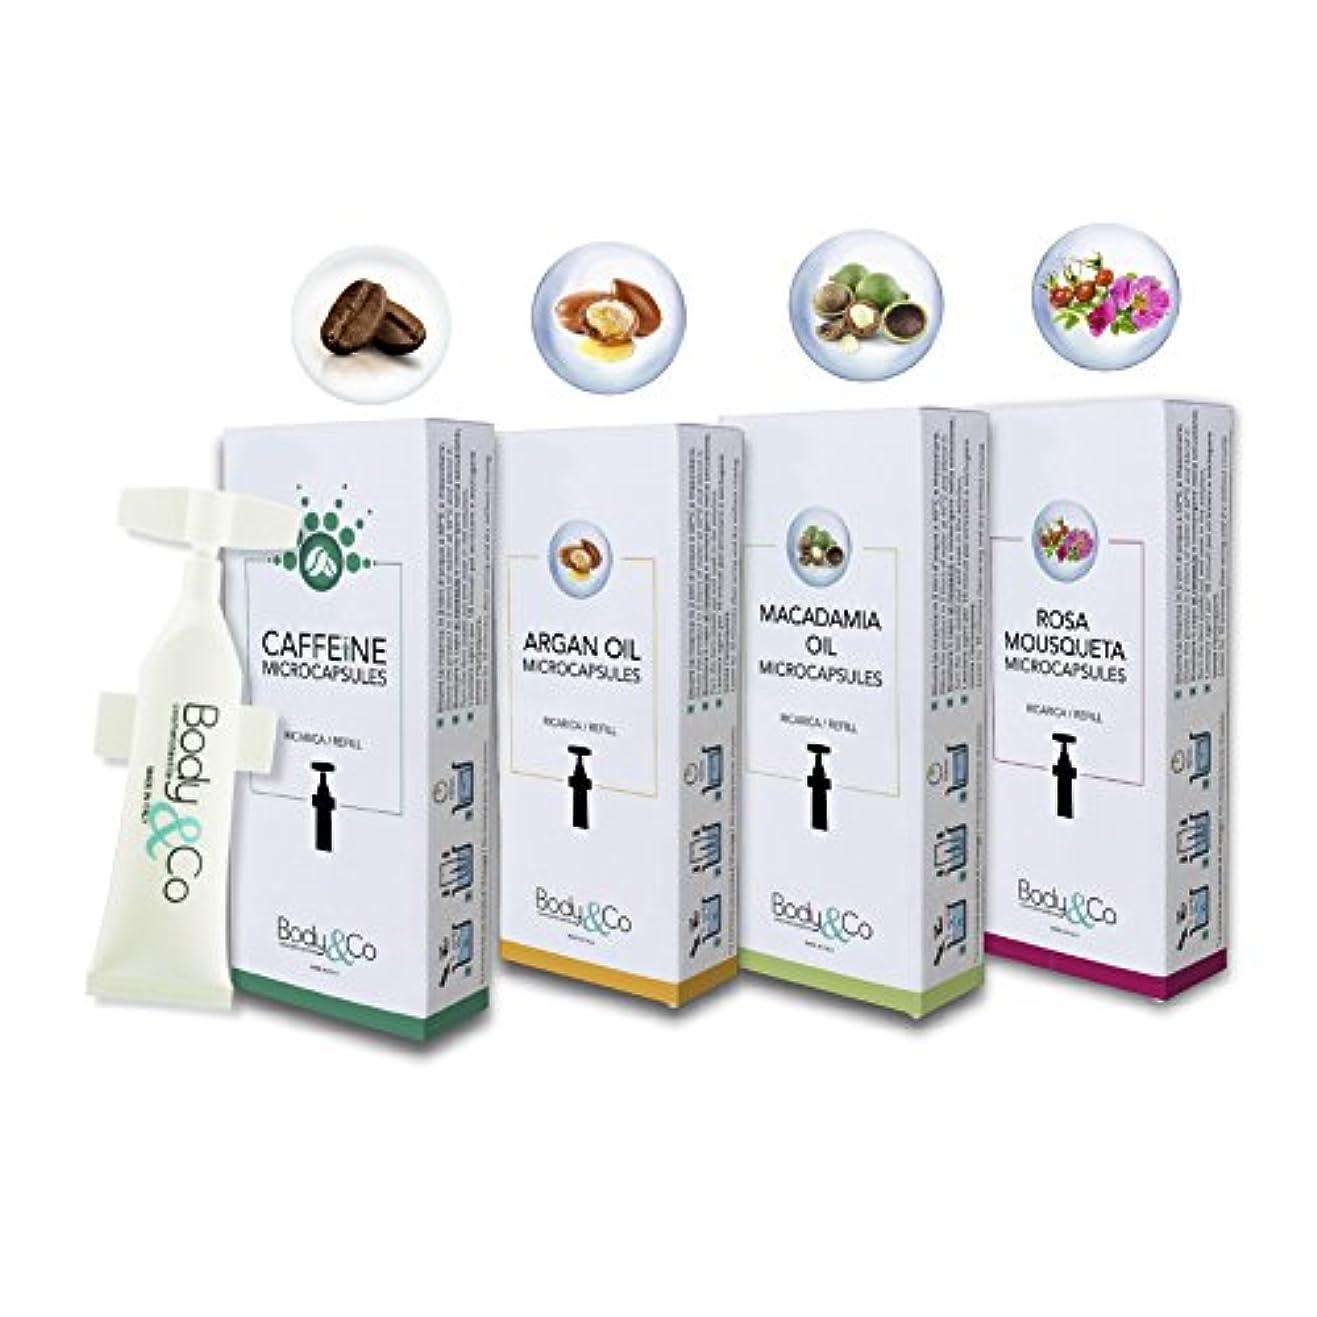 ブーム外出定義Body&Co Cosmetic Mix 4 Refills 10 ml: Caffeine, Argan Oil, Macadamia Oil, Rosa Mosqueta Oil